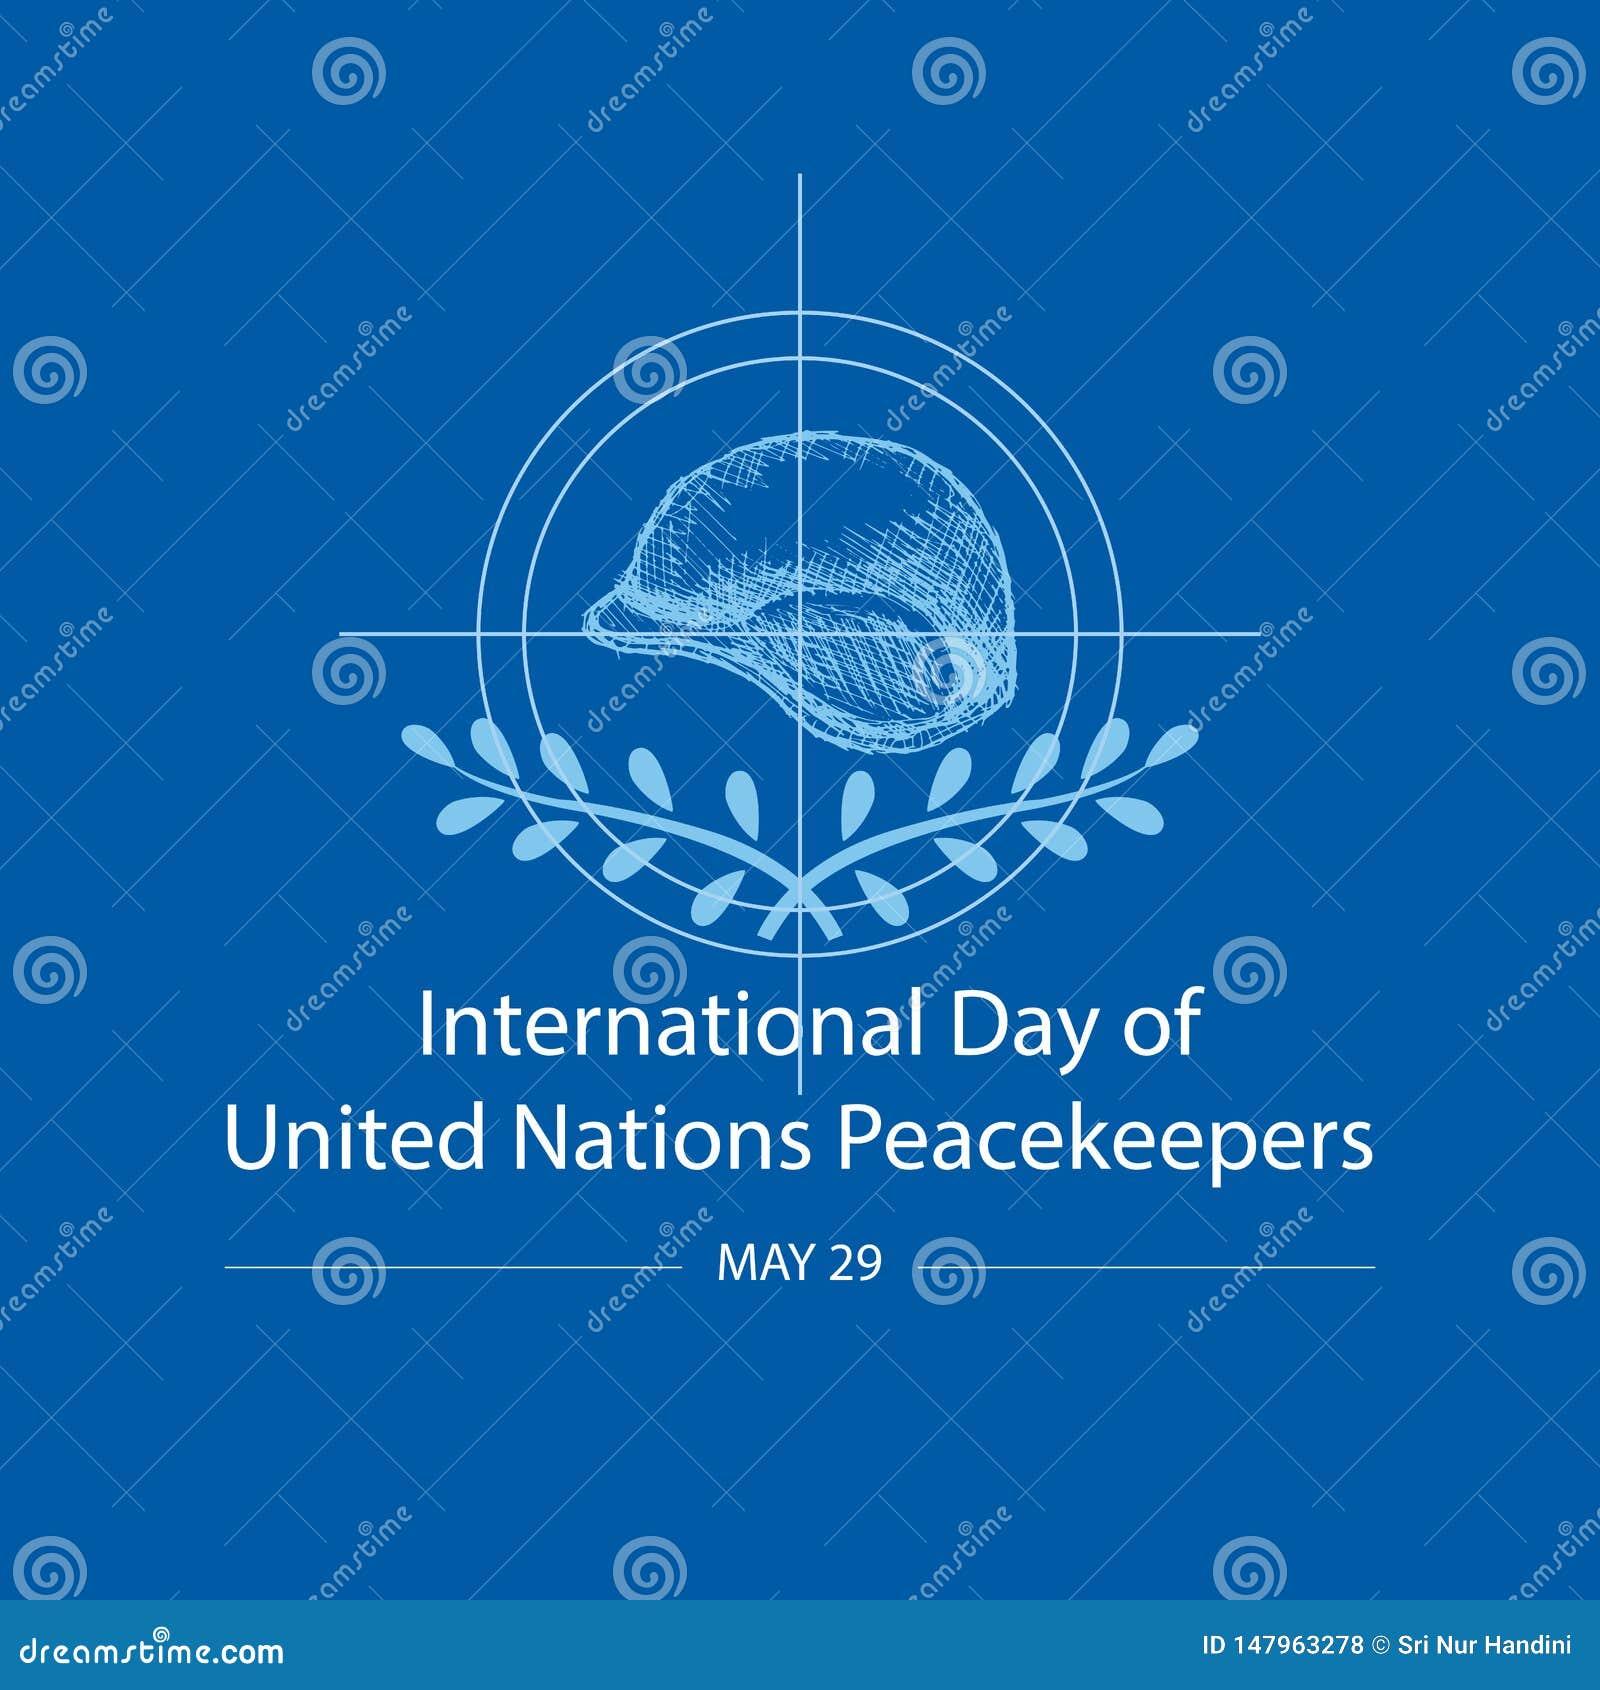 Internationale Dag van de Vredeskorpsen van de Verenigde Naties